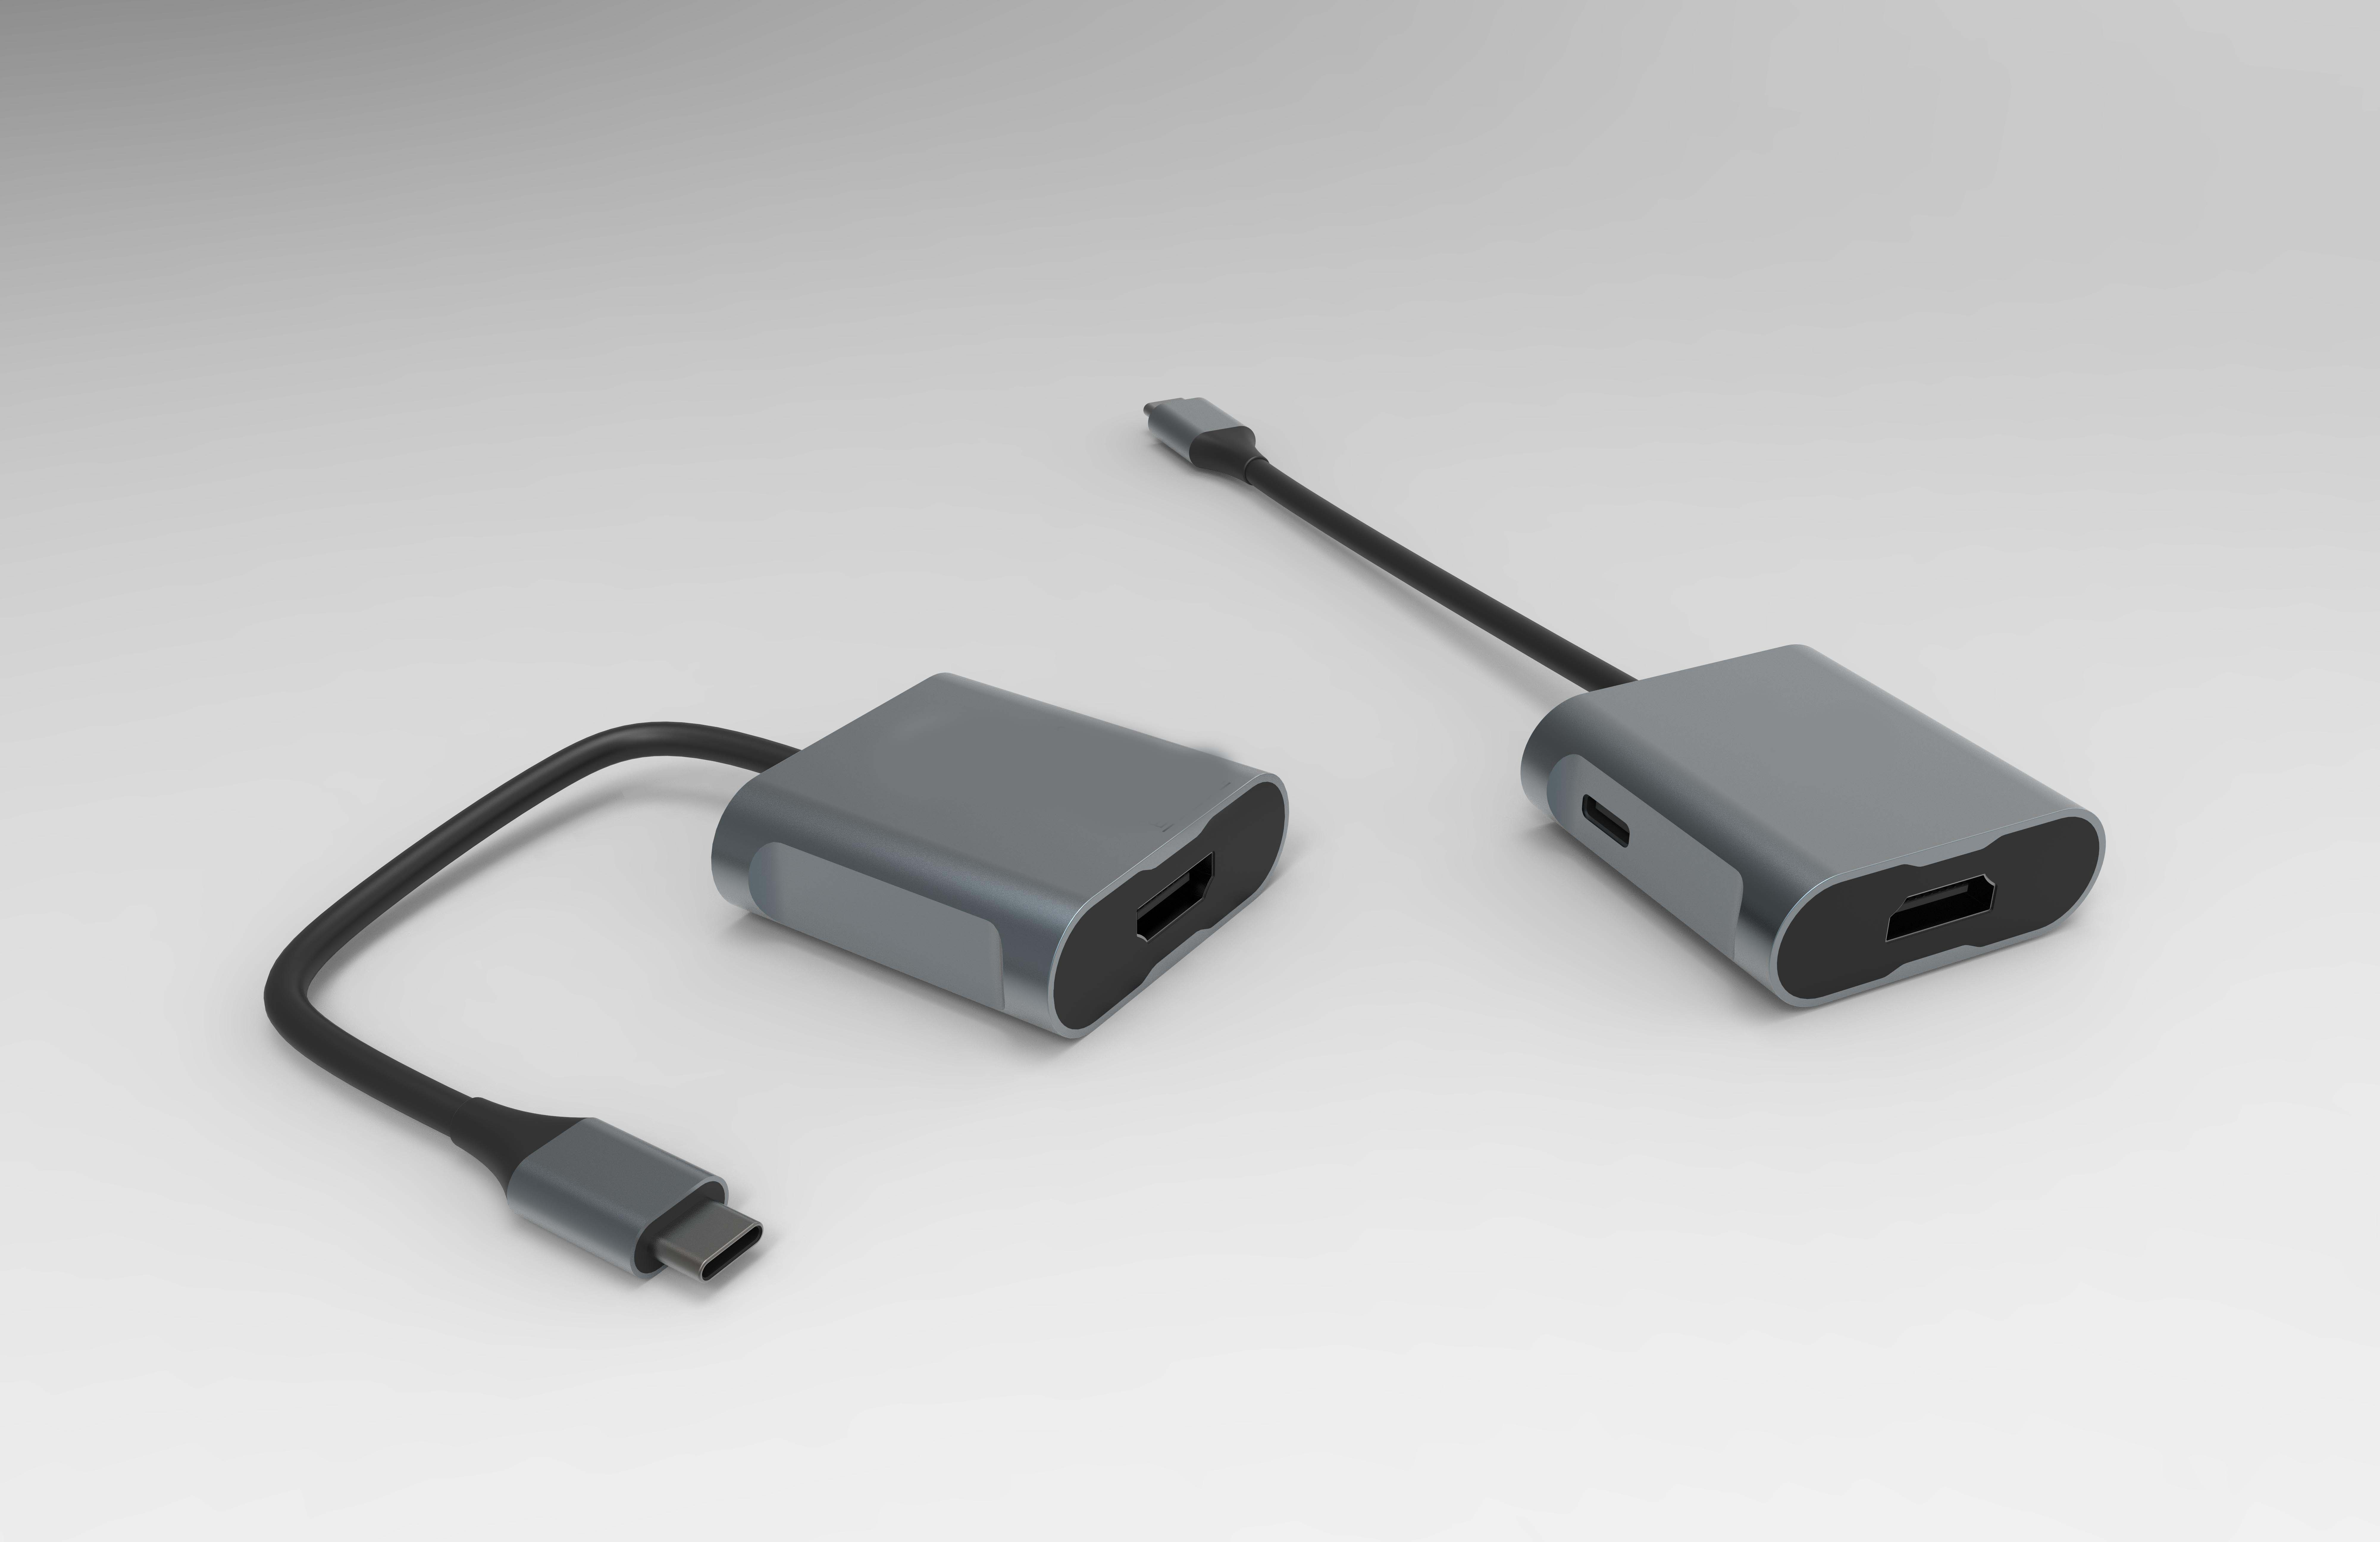 二合一USB C HUB到HDMI母座和PD充电100W